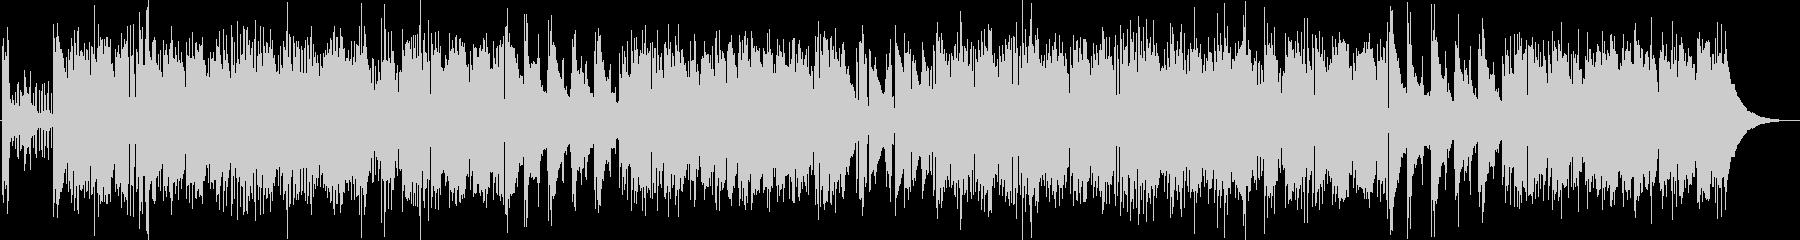 チープでポップなピアノジャズの未再生の波形